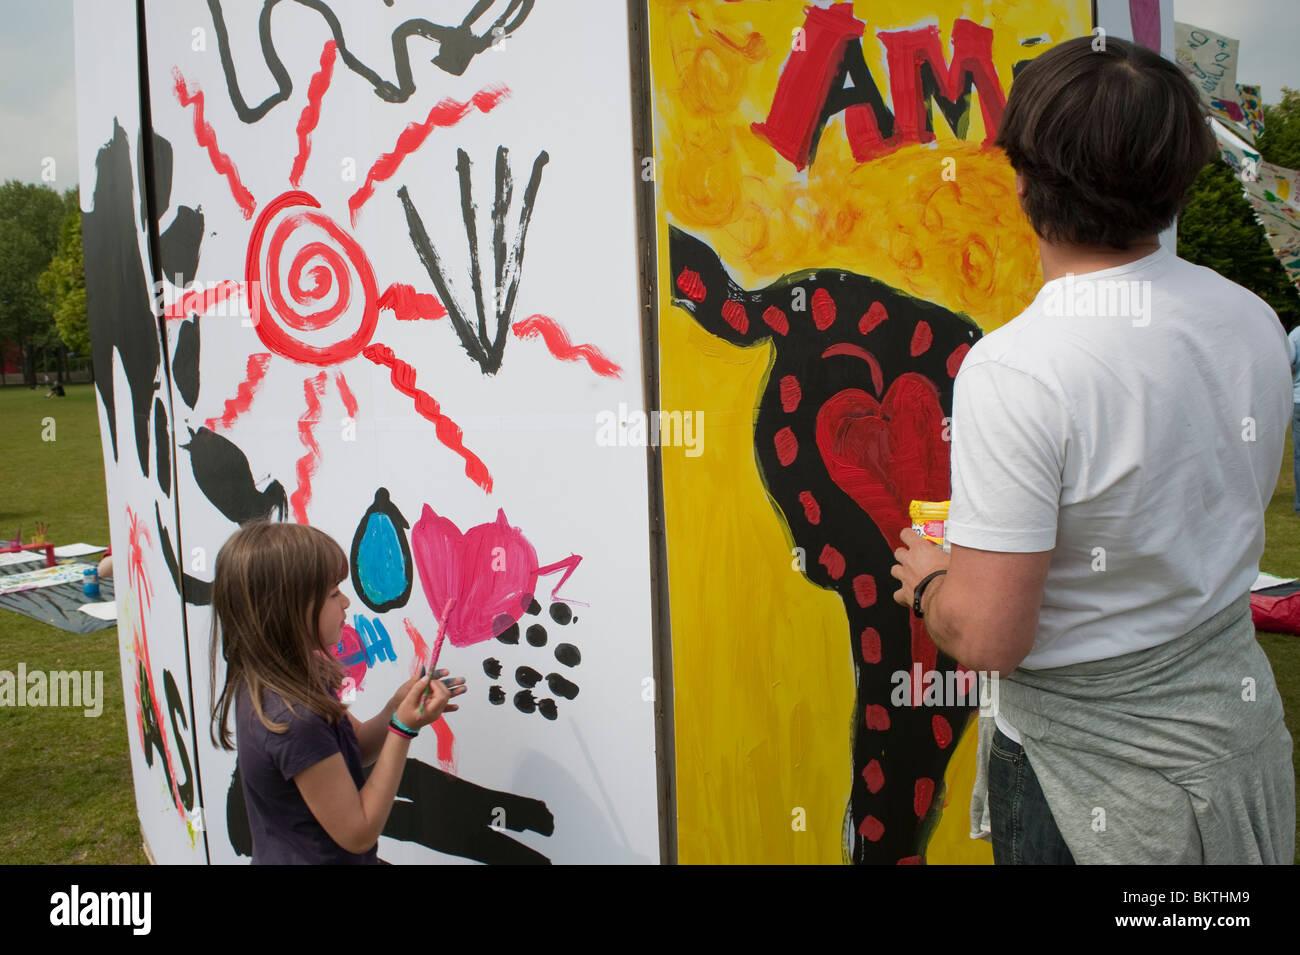 Journée mondiale de la journée 'commerce équitable', avec des hommes murs Peinture, sur la Photo Stock